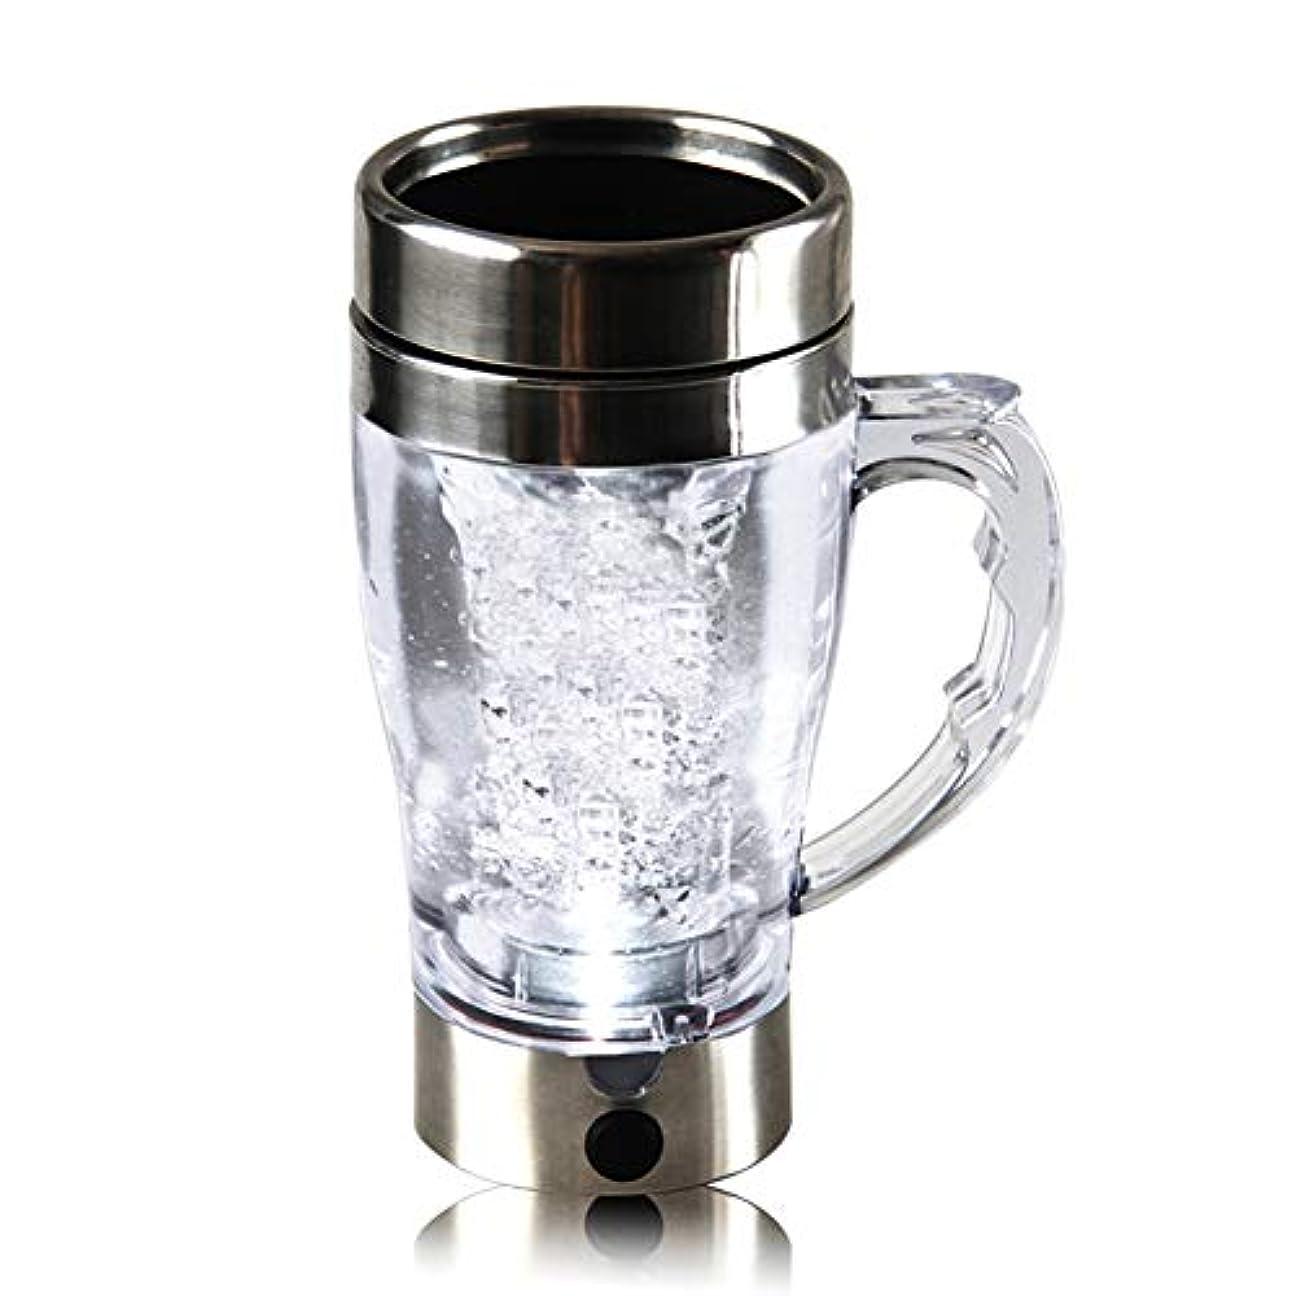 案件ナンセンス奨励SweetiChic 電動プロテインシェーカー充電可能な統合プロテイン貯蔵容器自動混合コーヒーカップ